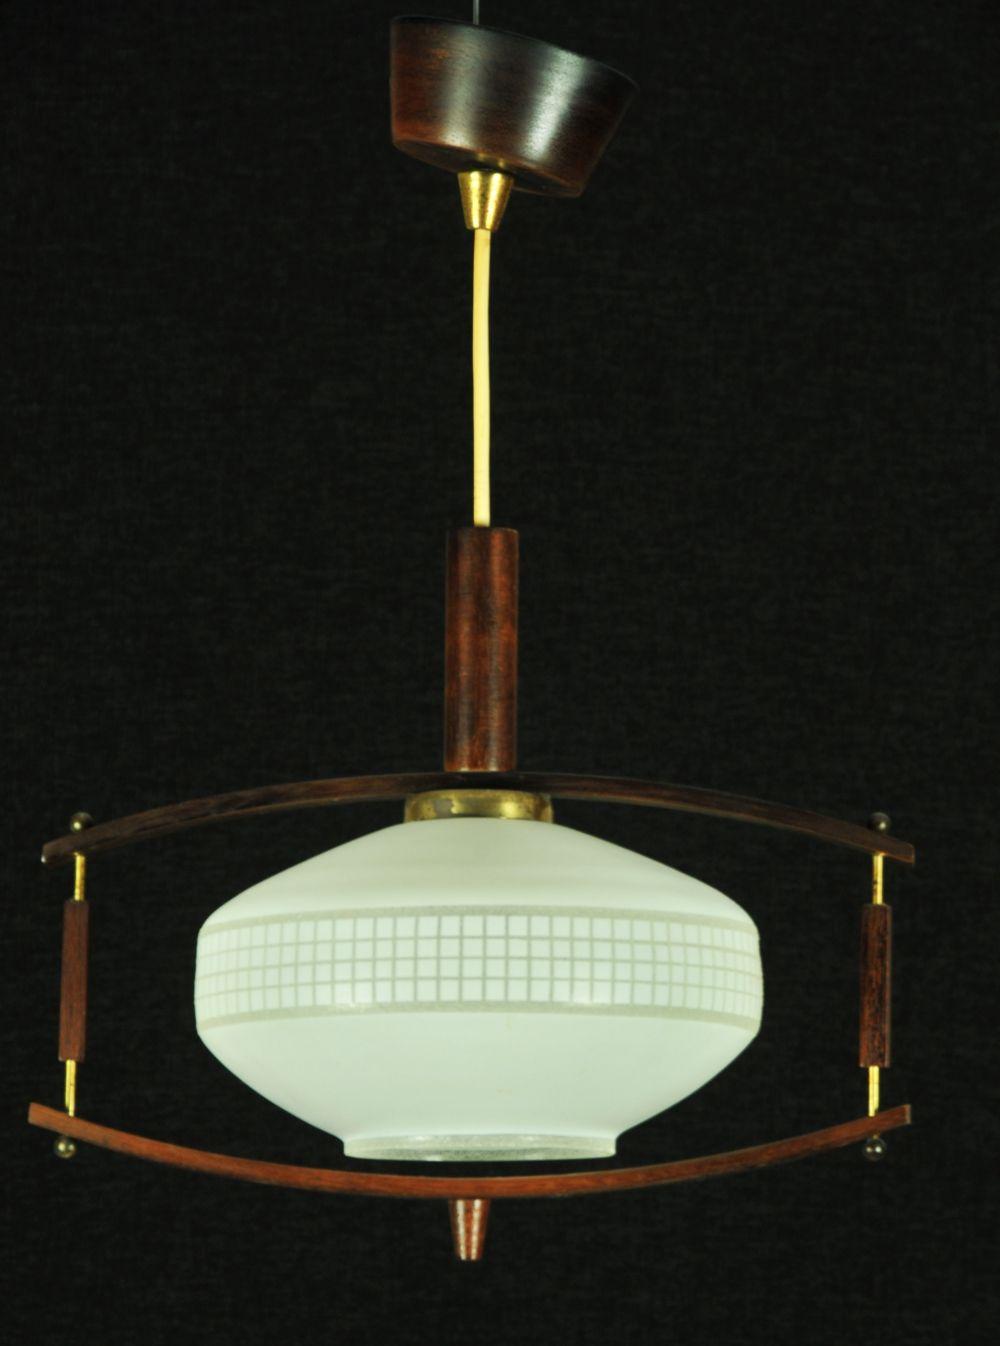 Vintage Hanging Lamp 1950s Hanging Lamp Lamp Pendant Lighting